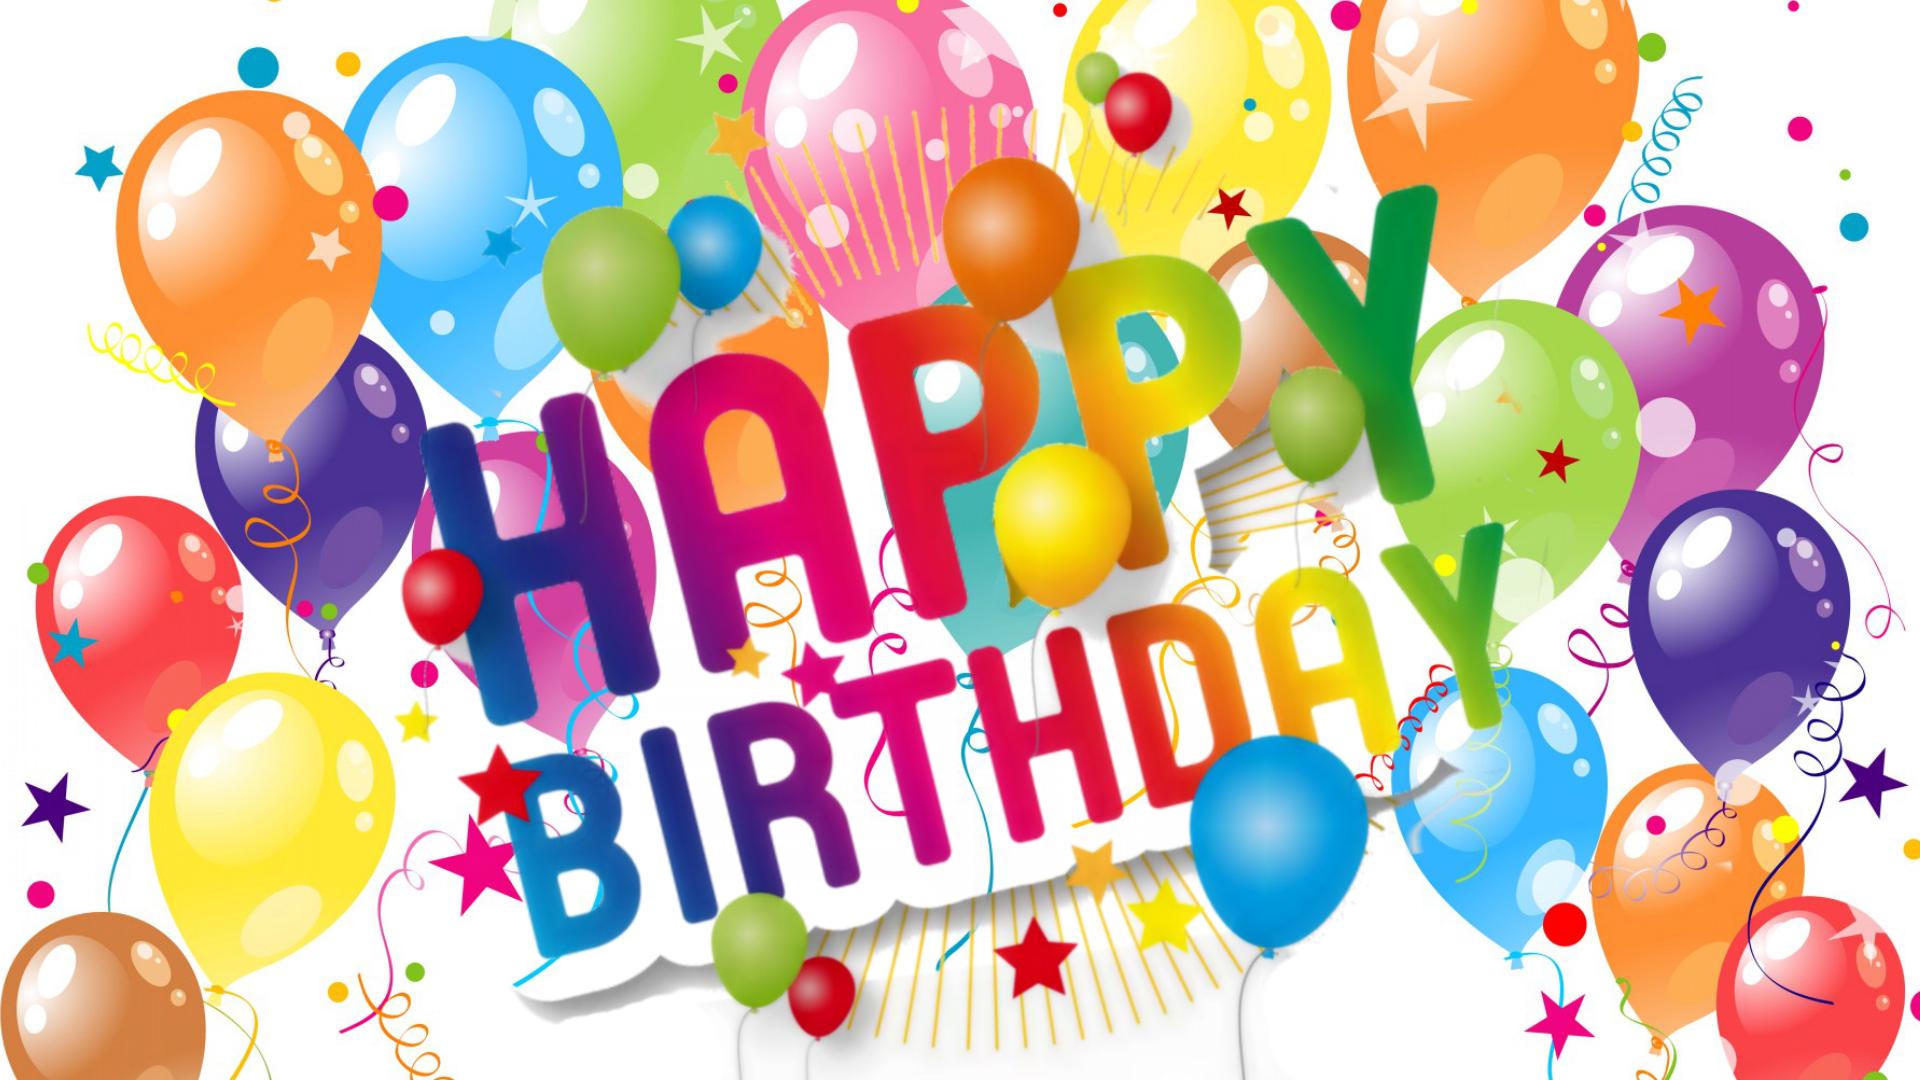 Поздравления с днем рождения картинки с шариками, прикольные